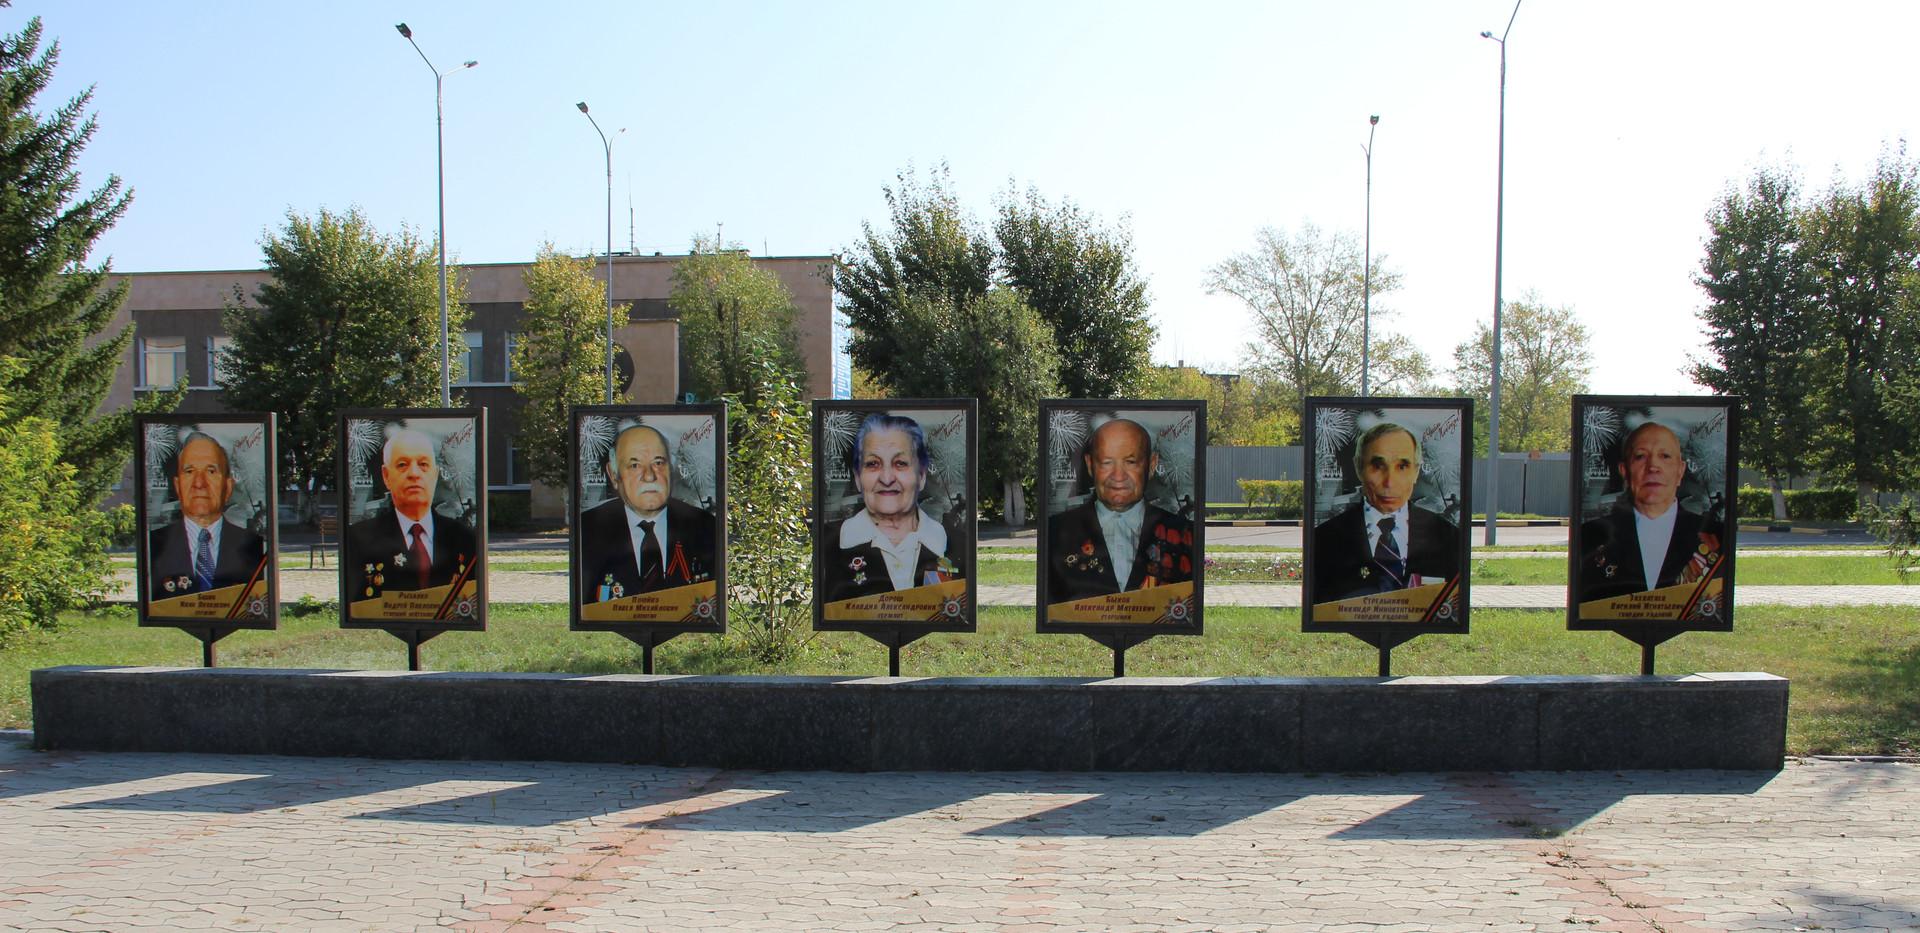 Памятник «Монумент Победы» в Степногорске